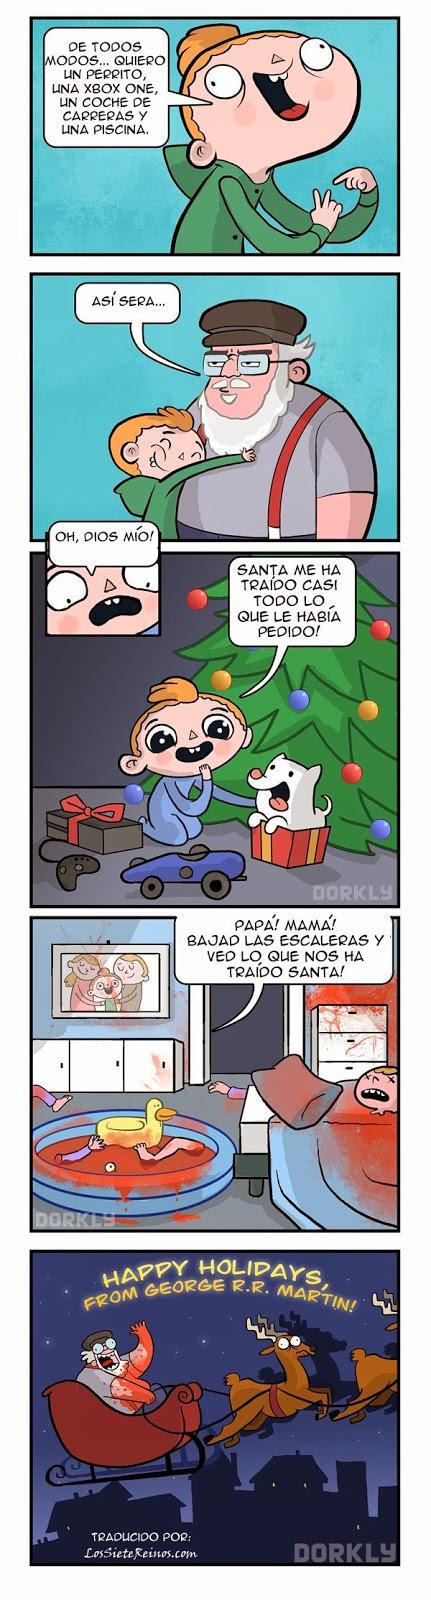 George R.R. Martin - Santa Claus